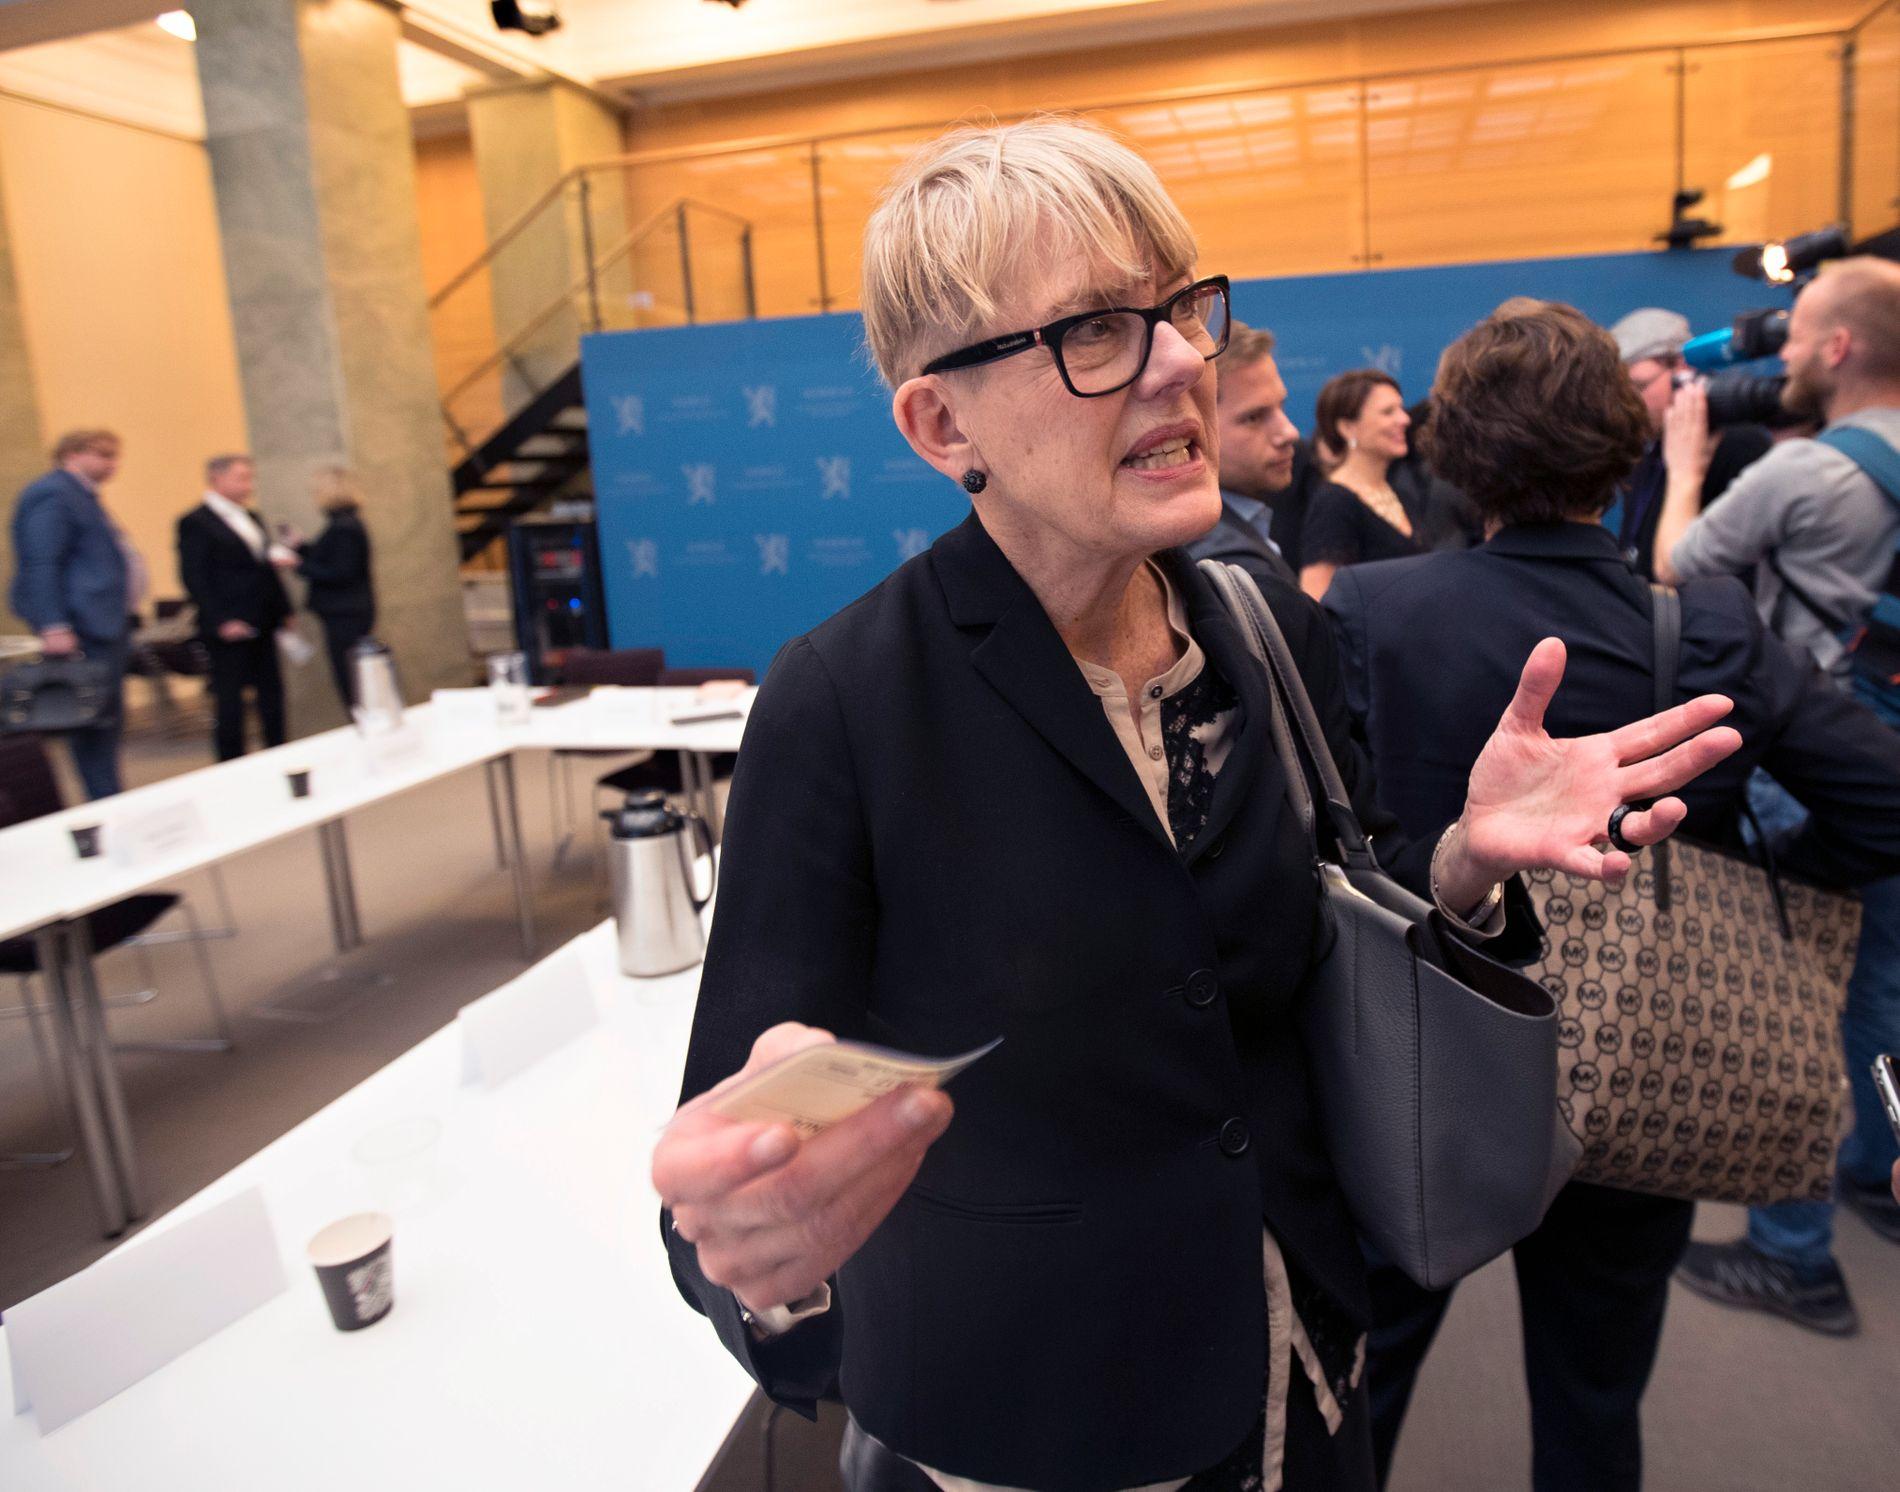 I HARDT VÆR: Utdanningsdirektør i Oslo, Astrid Søgnen (66).